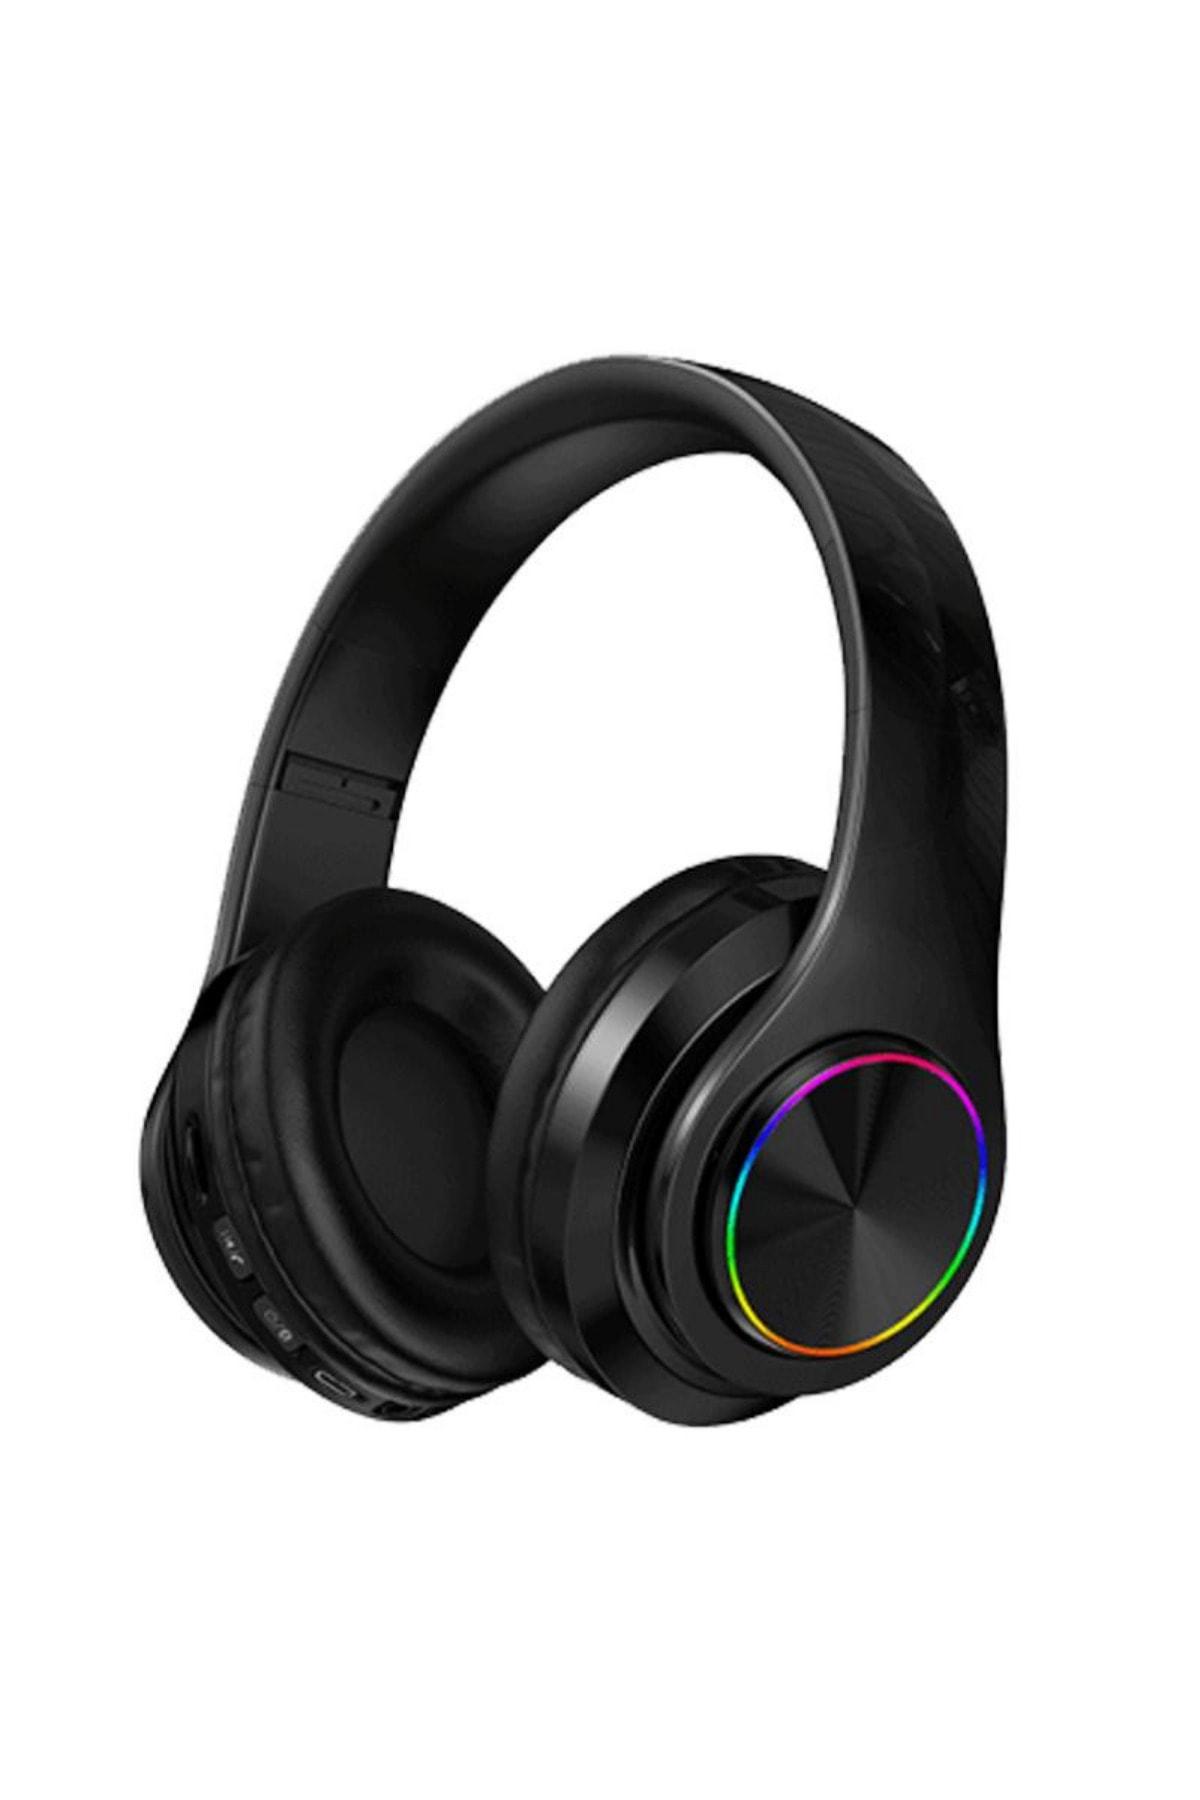 Kablosuz Kulaklık Bluetooth Mikrofonlu Kulaküstü Kulaklık Led Işıklı Katlanabilir Siyah